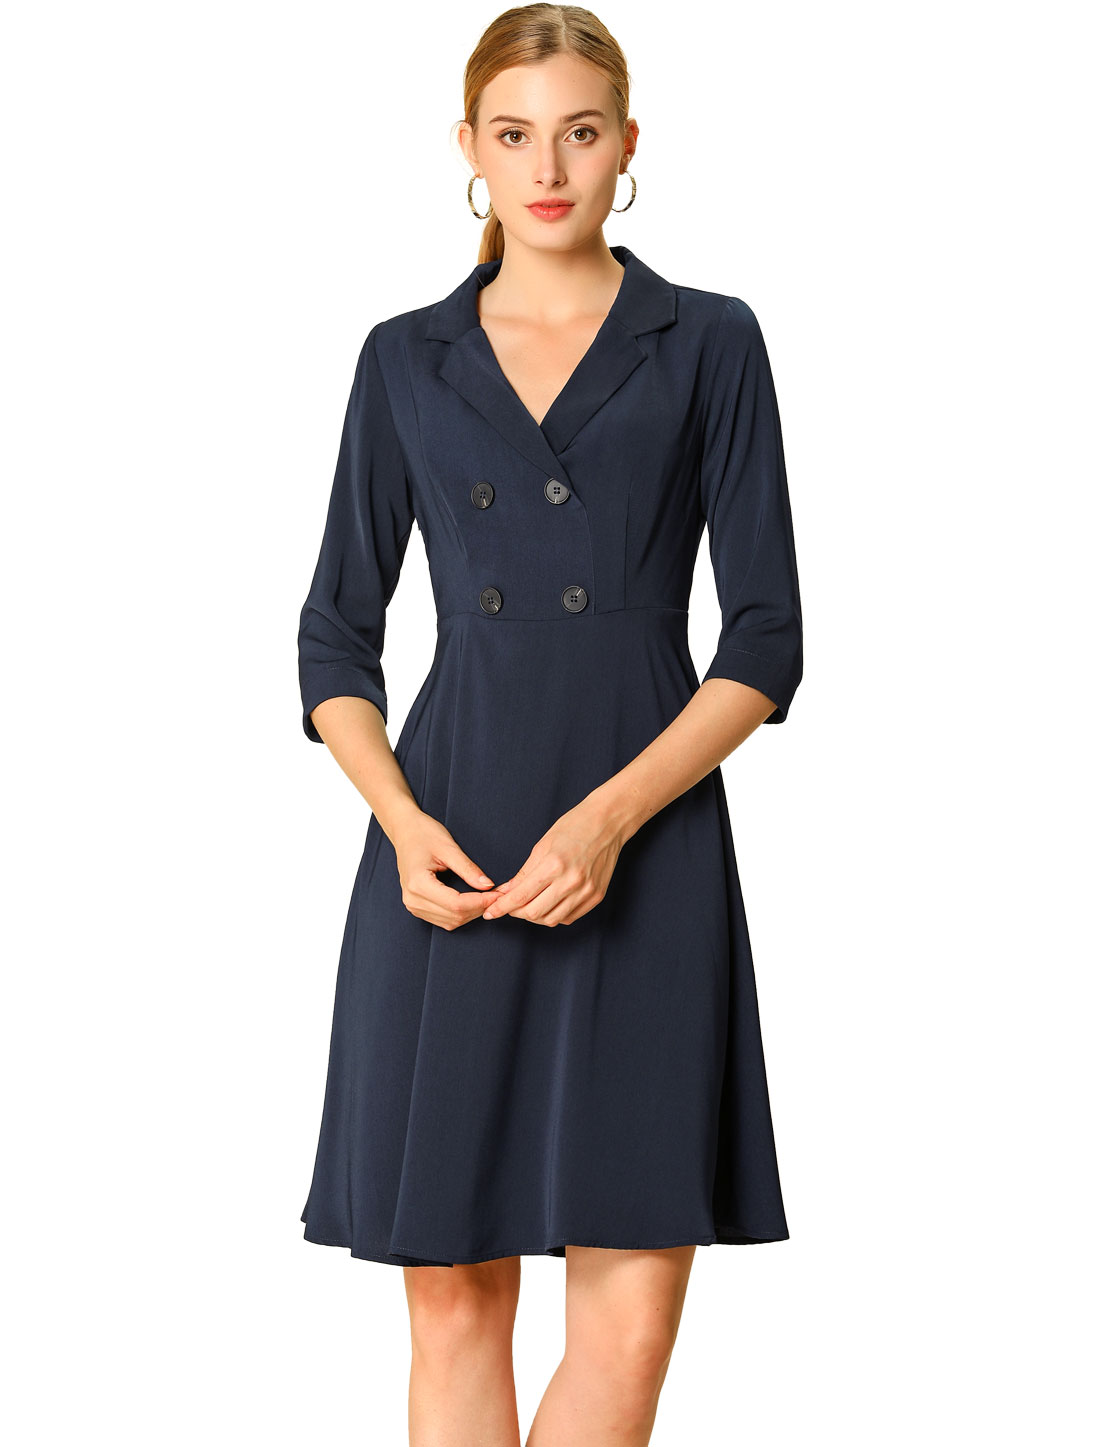 Allegra k Womens Work Office Turn Down Collar A-Line Dress Navy Blue XS